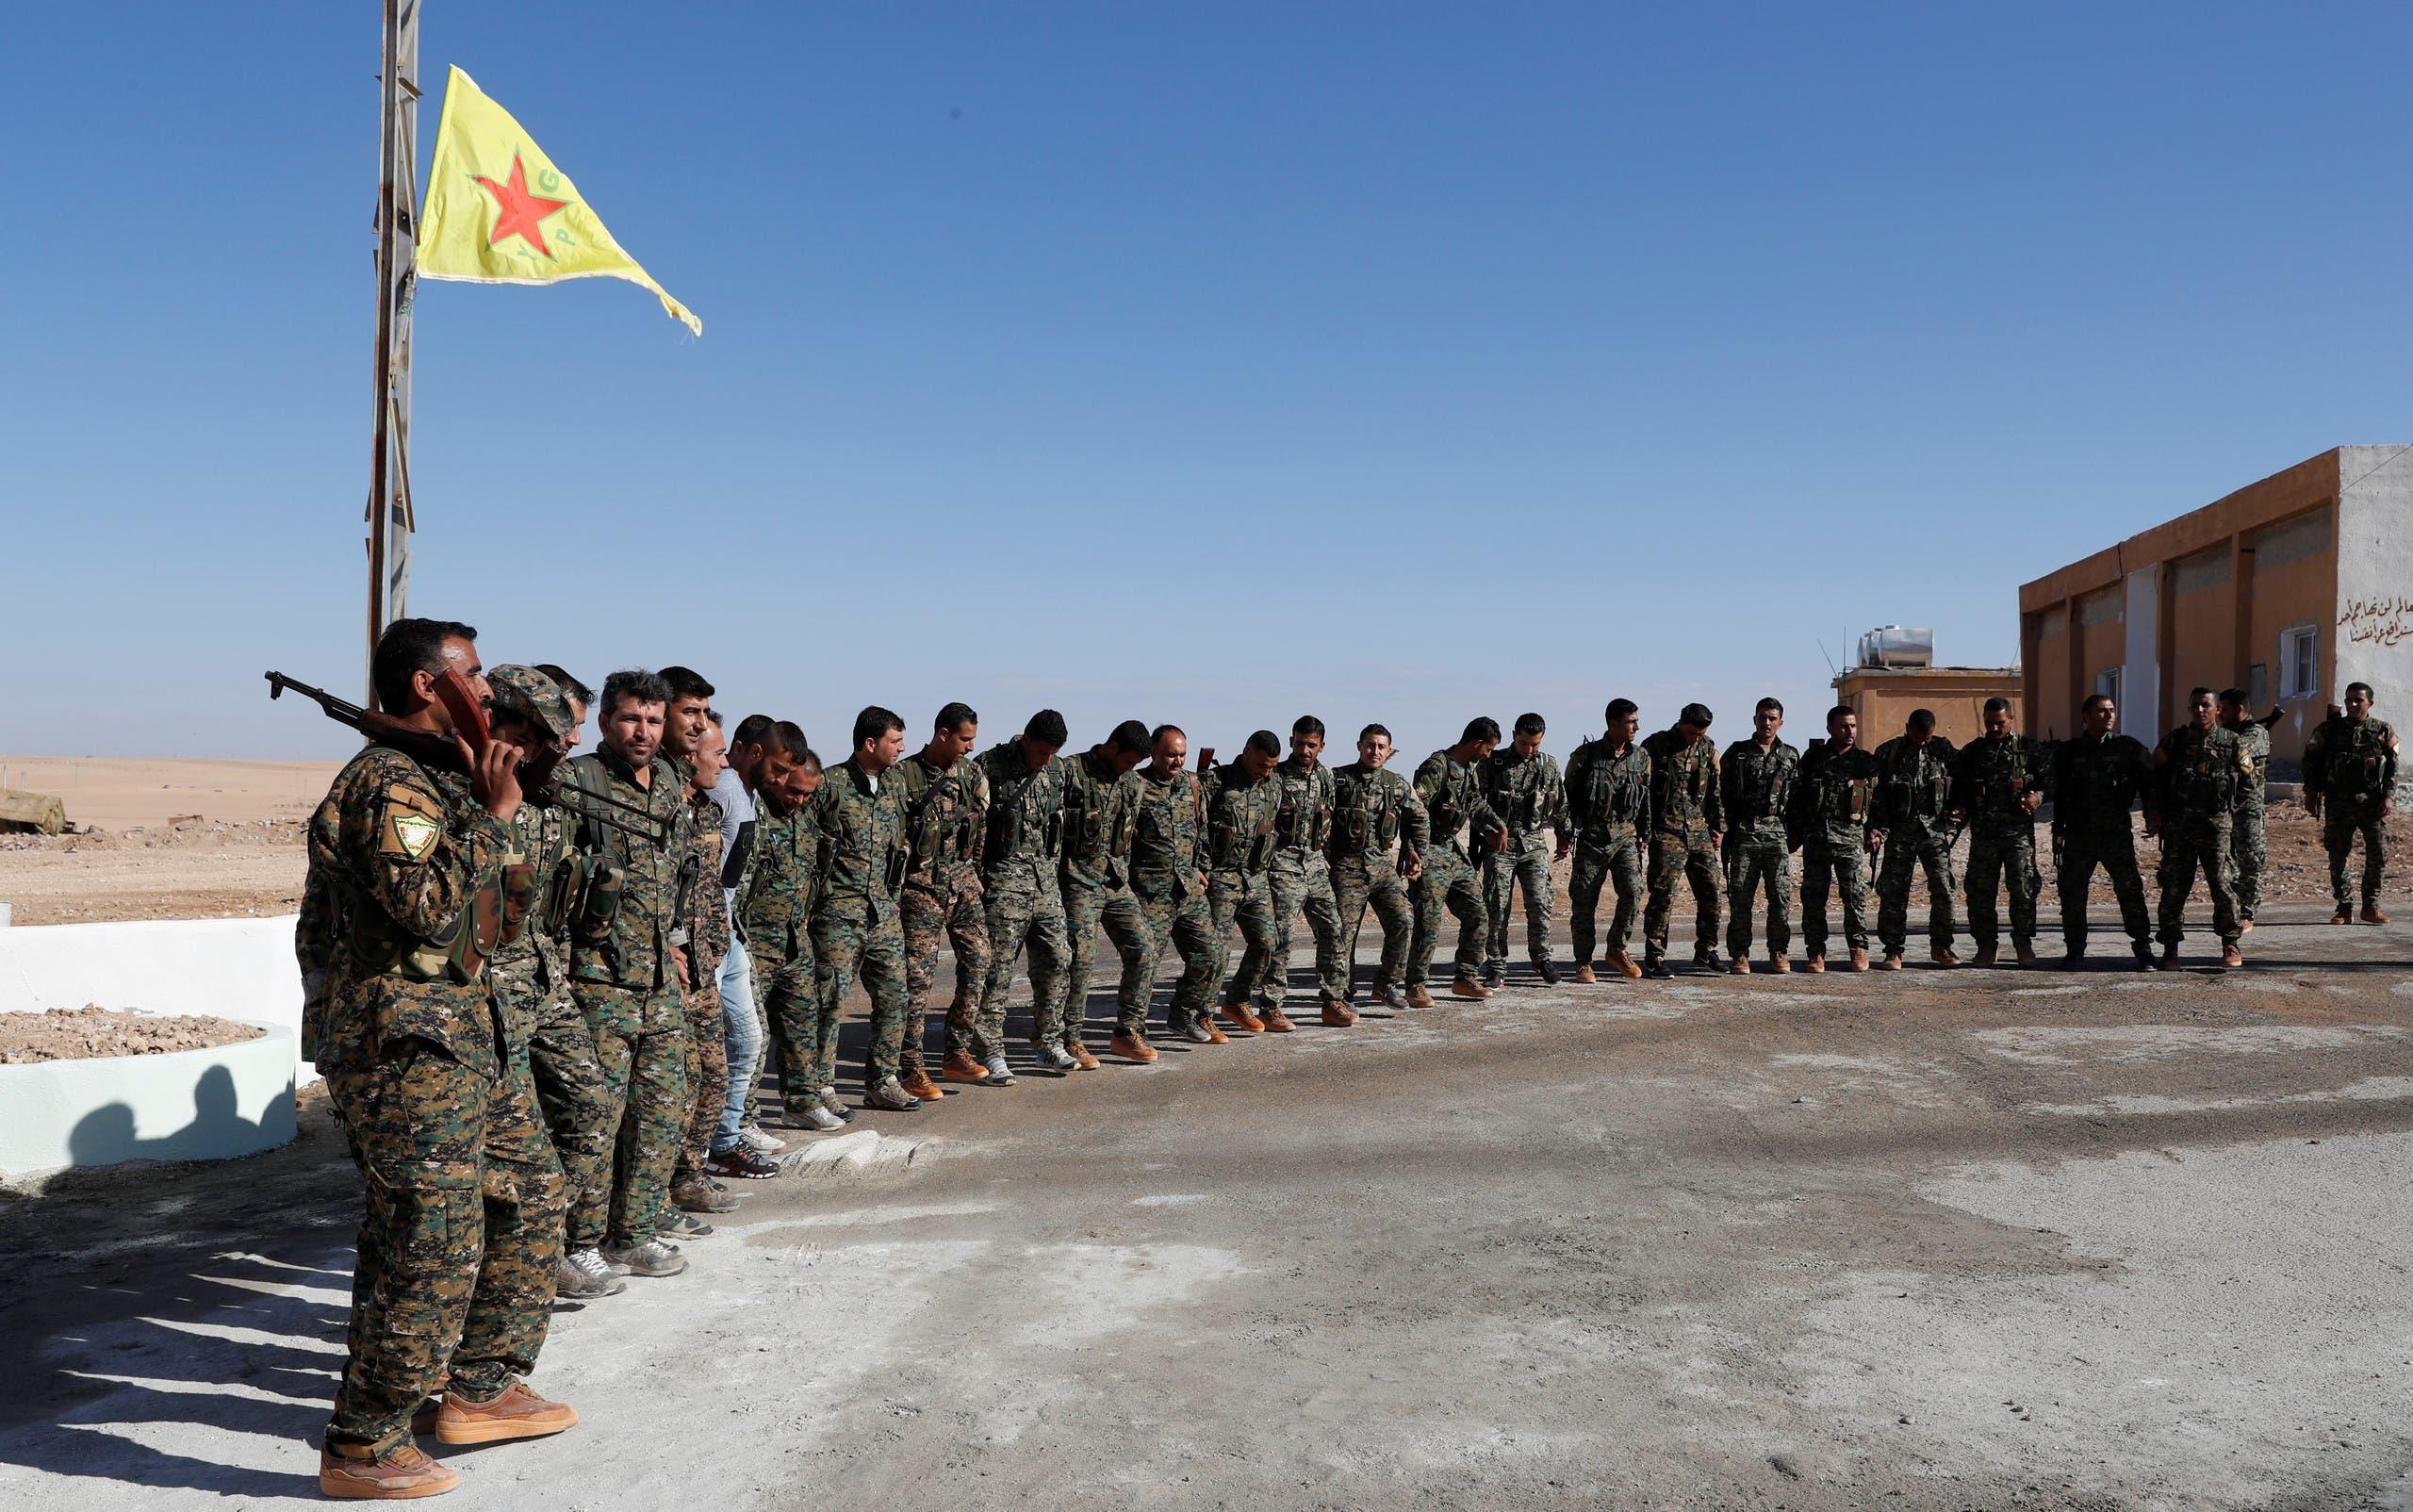 عناصر من قوات سوريا الديمقراطية في معسكر بعين عيسى